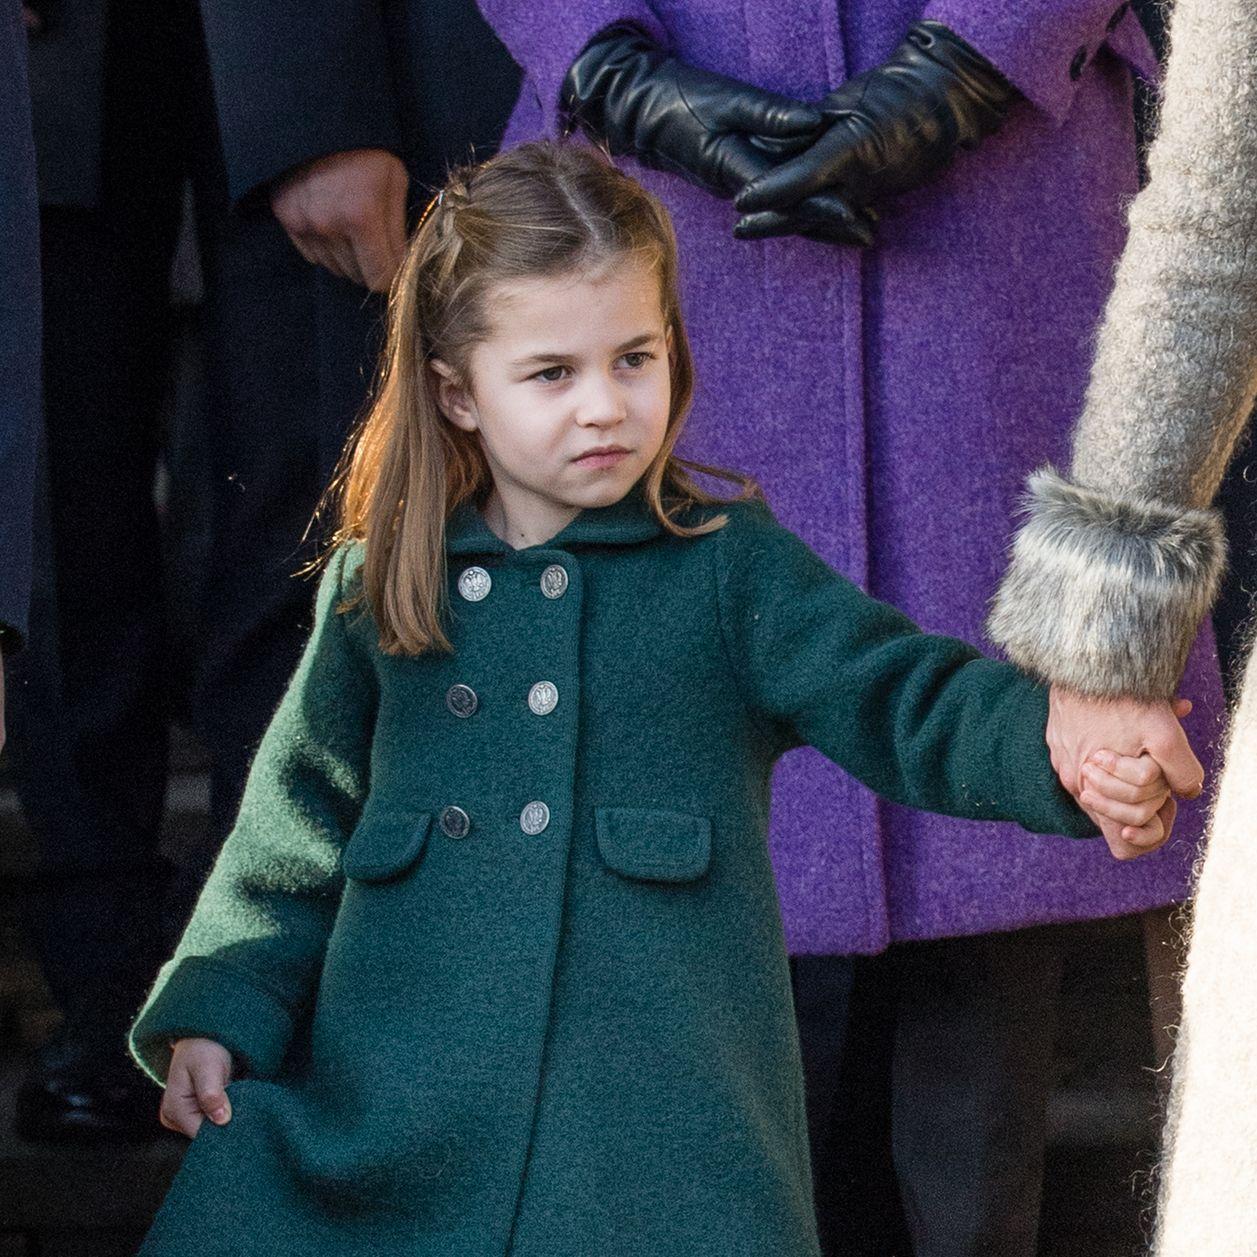 Véritable icône de mode, la princesse Charlotte inspire les plus grandes maisons de couture